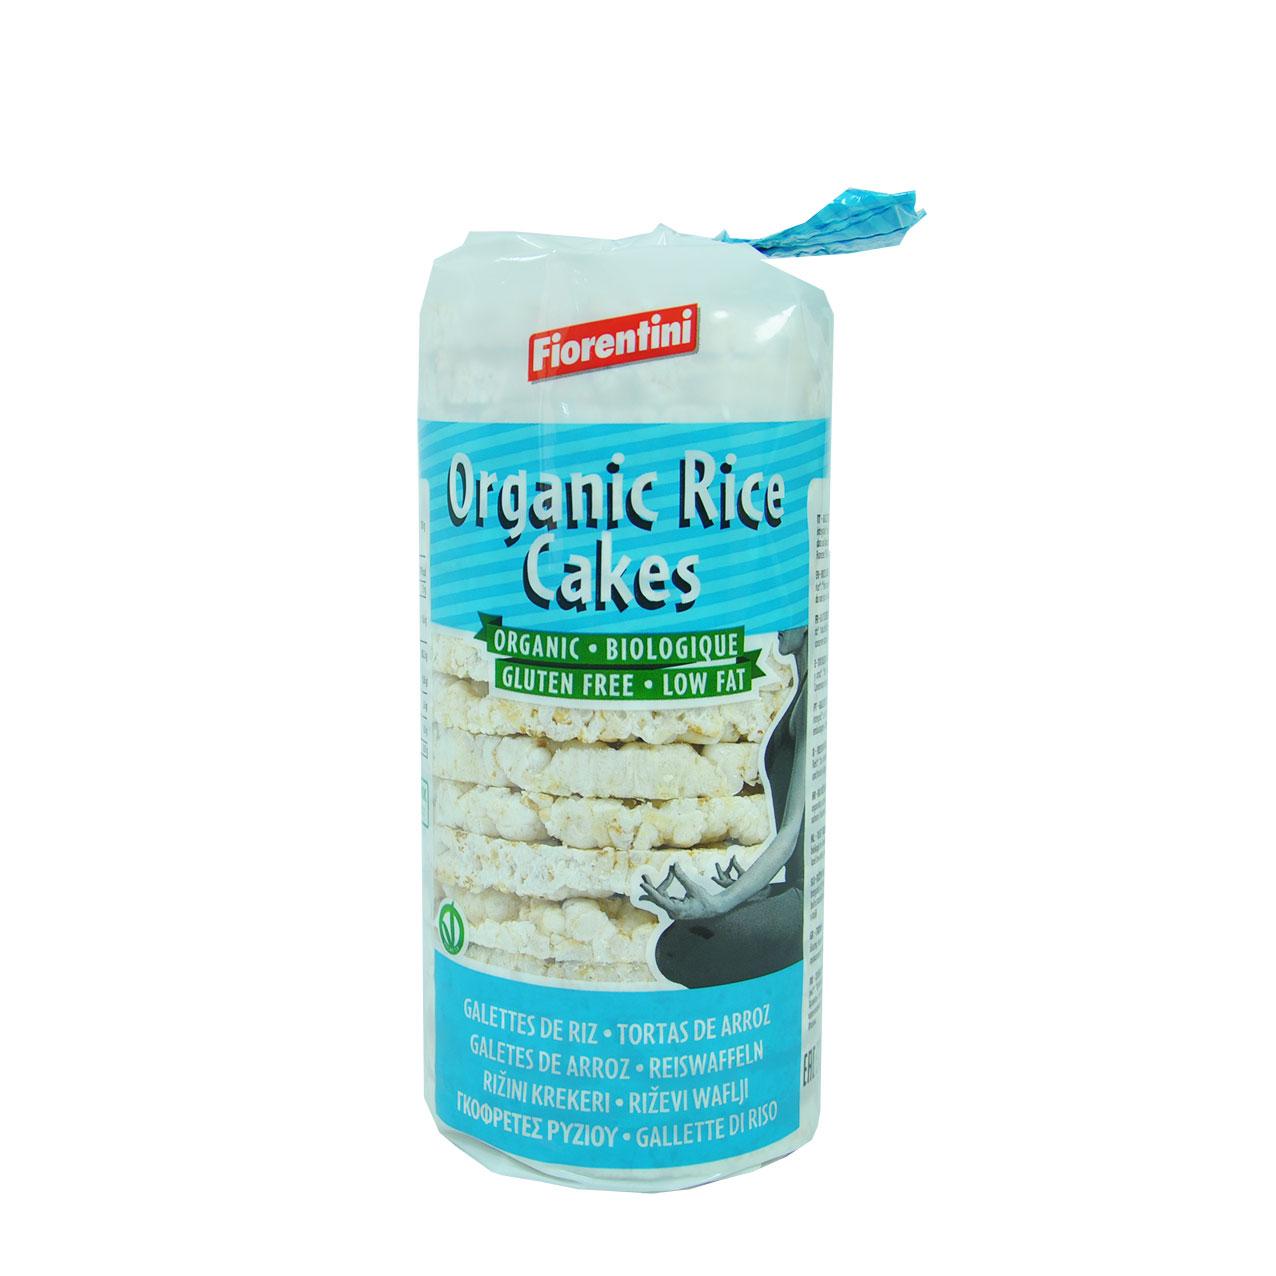 رایس کیک بدون گلوتن فیورنتینی – fiorentini